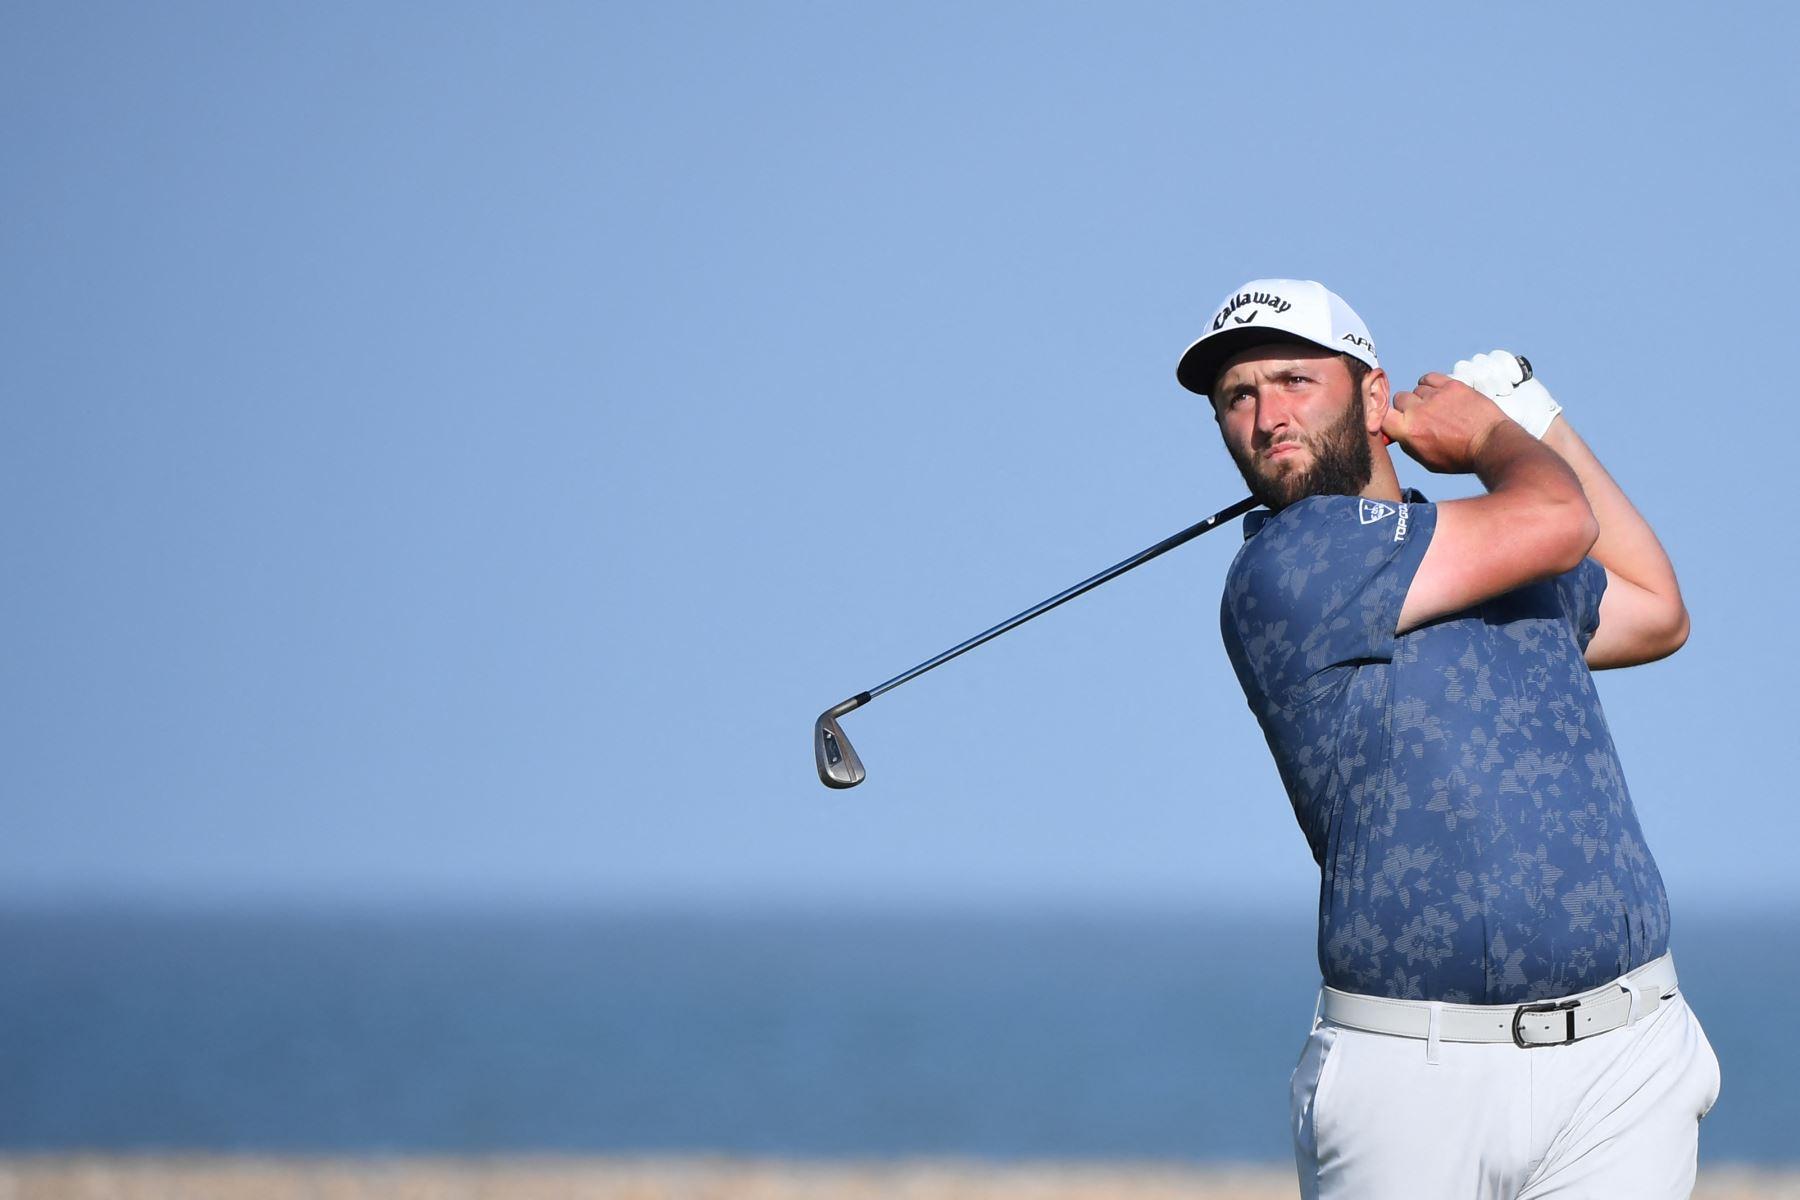 El golfista español Jon Rahm no pudo continuar debido al covid-19